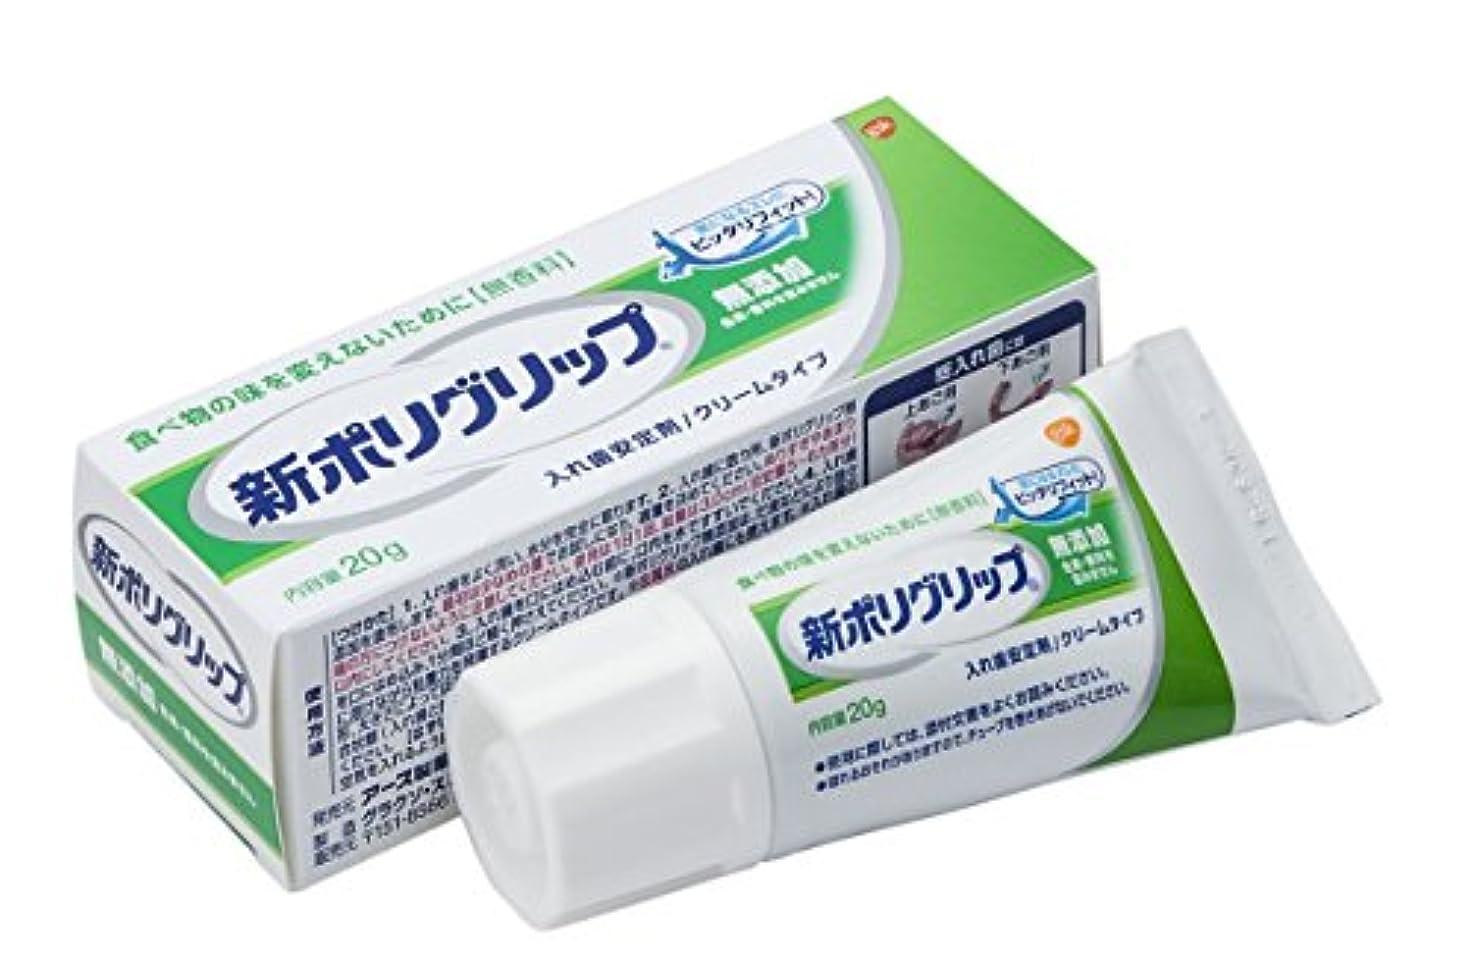 チートボトルネック空の部分?総入れ歯安定剤 新ポリグリップ 無添加(色素?香料を含みません) 20g